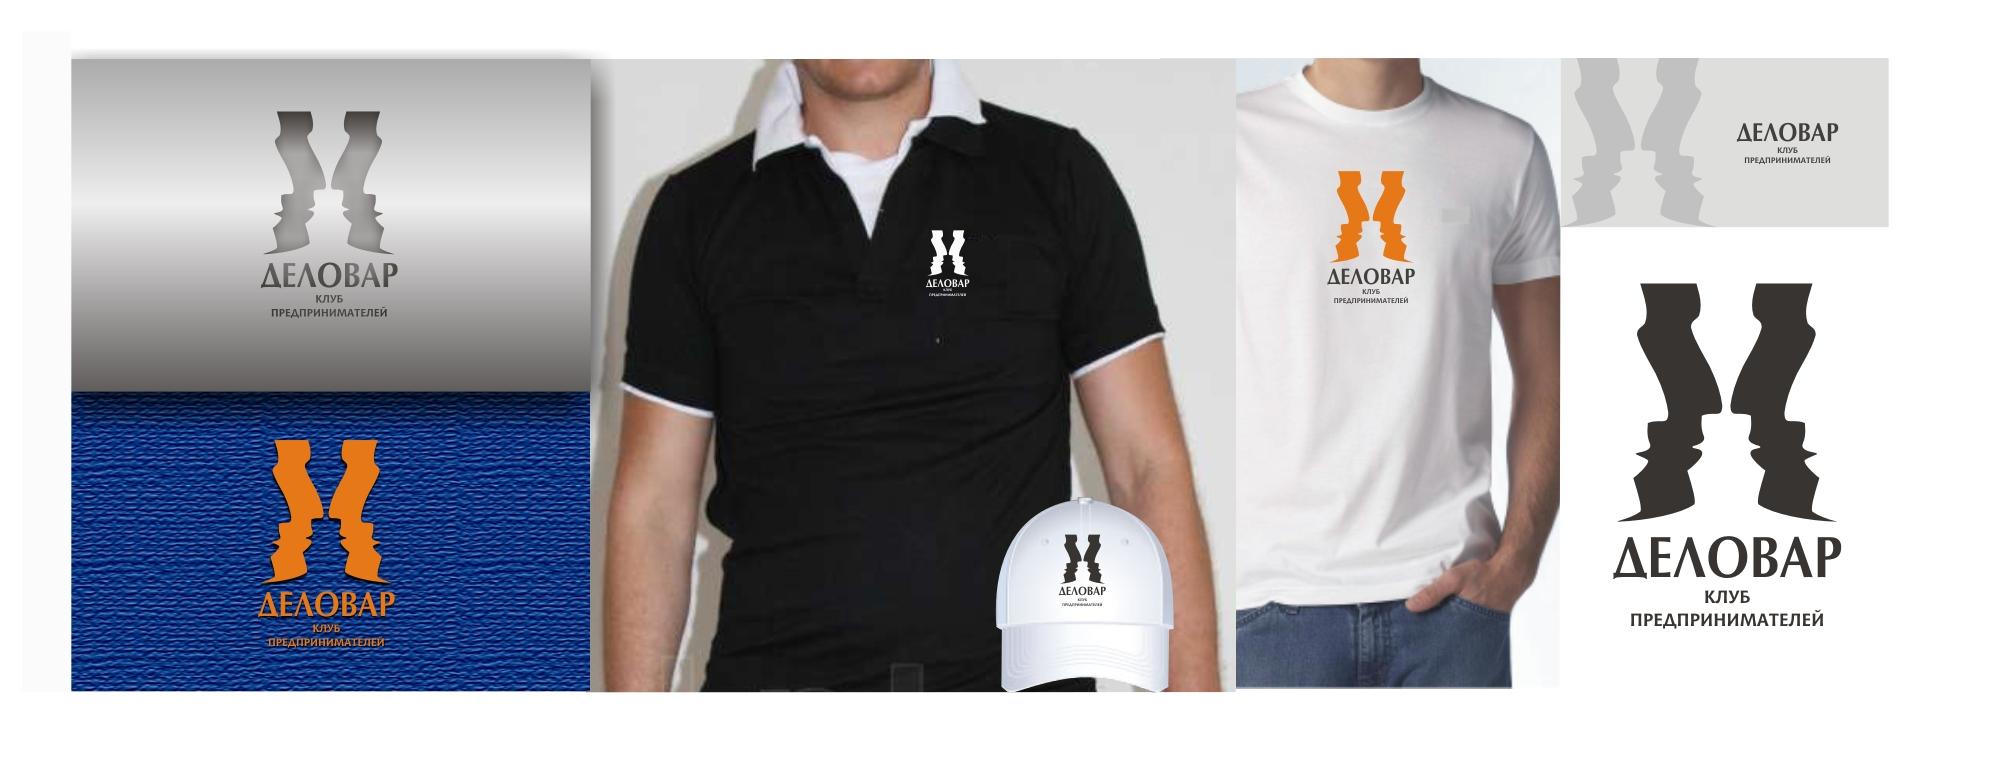 """Логотип и фирм. стиль для Клуба предпринимателей """"Деловар"""" фото f_5044af128efae.jpg"""